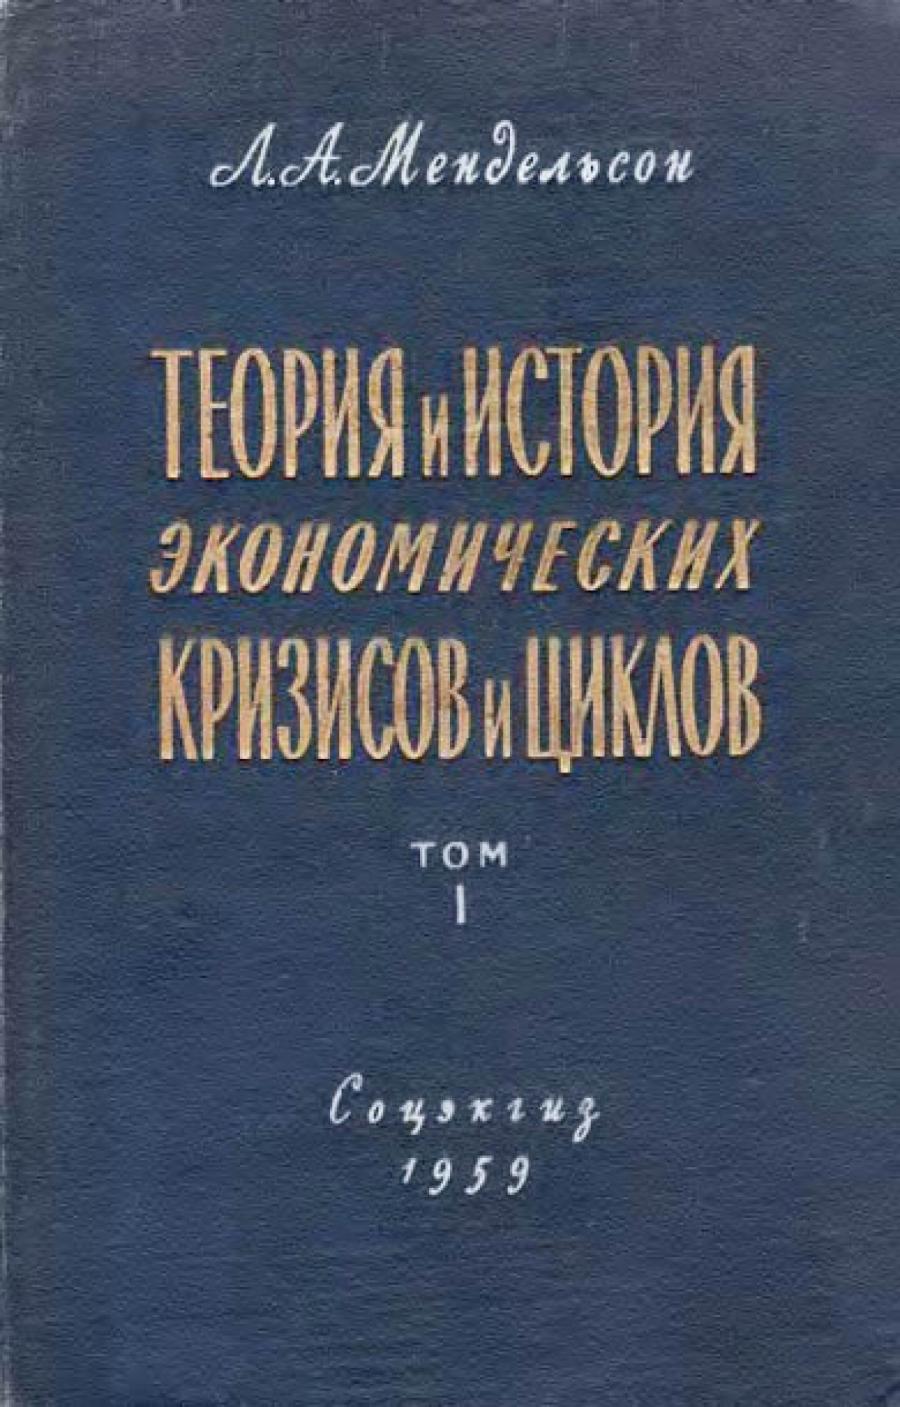 Обложка книги:  л.а. мендельсон - теория и история экономических кризисов и циклов. 3 тома